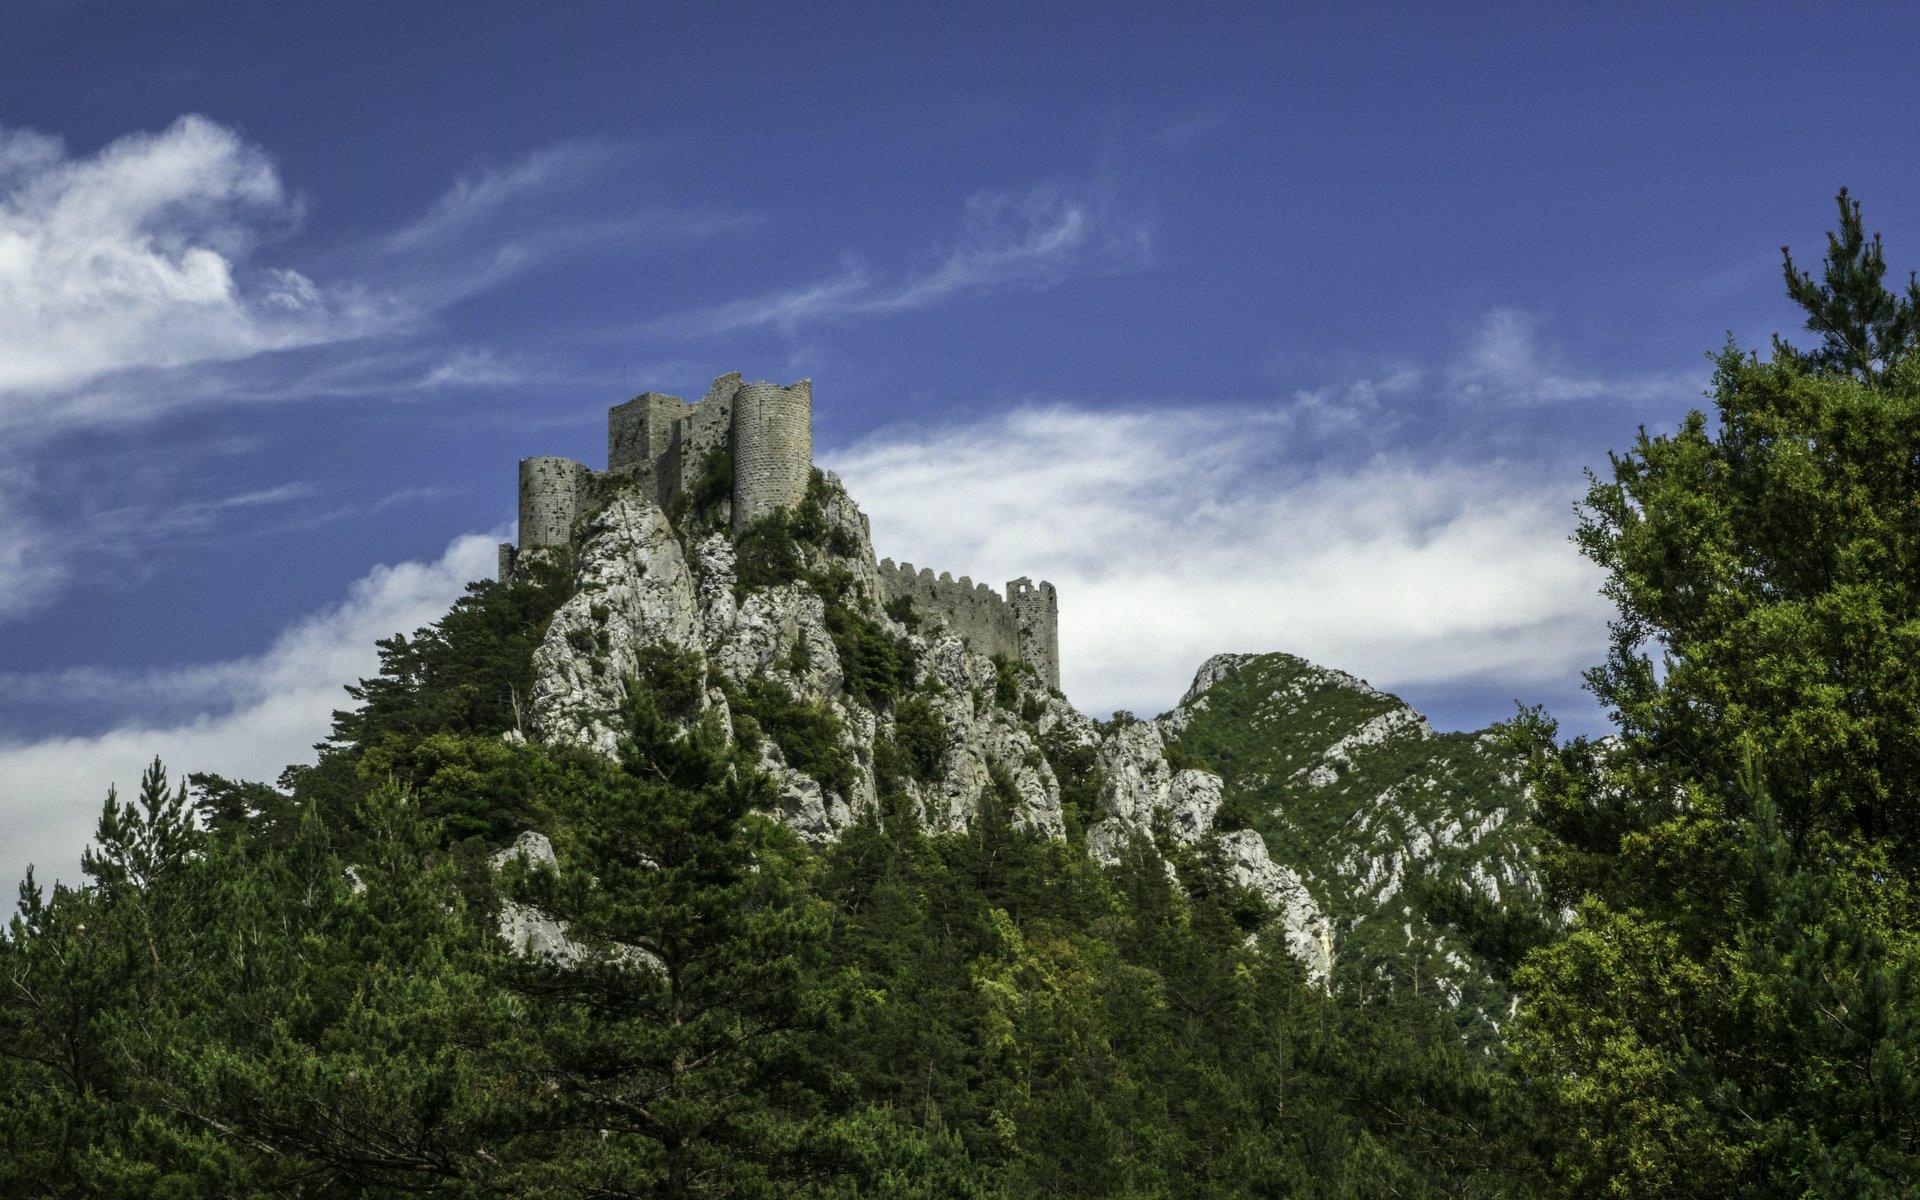 Château de Puilaurens von der Zufahrt aus gesehen